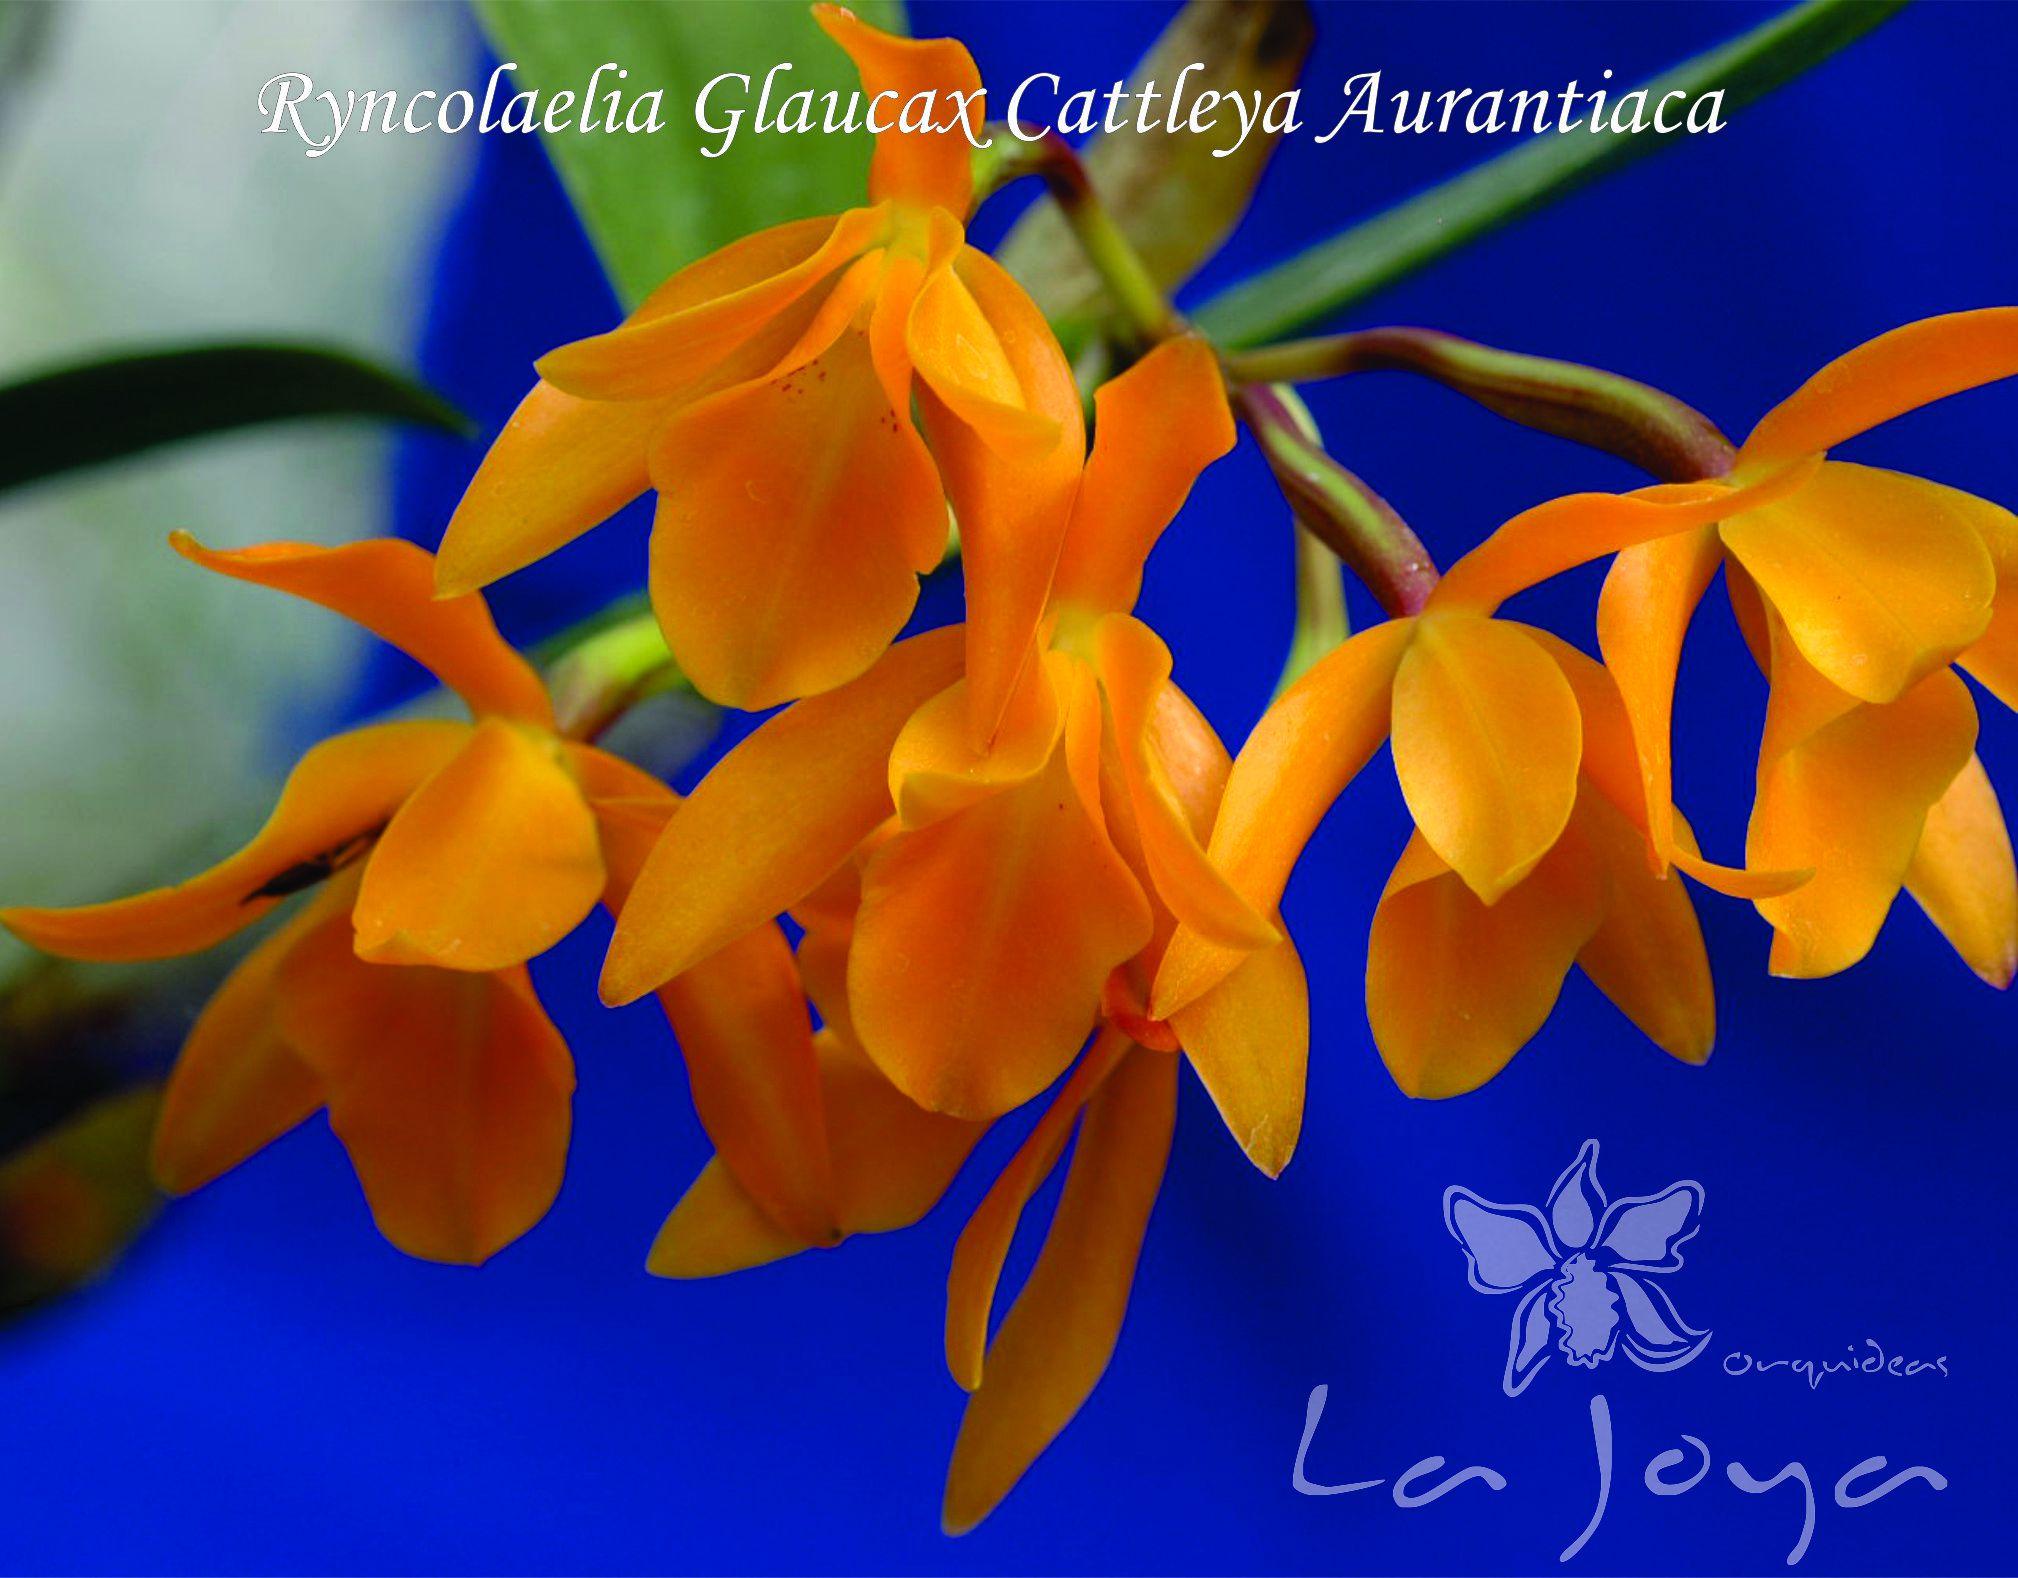 Ryncholaelia Glauca x Cattleya Aurantiaca